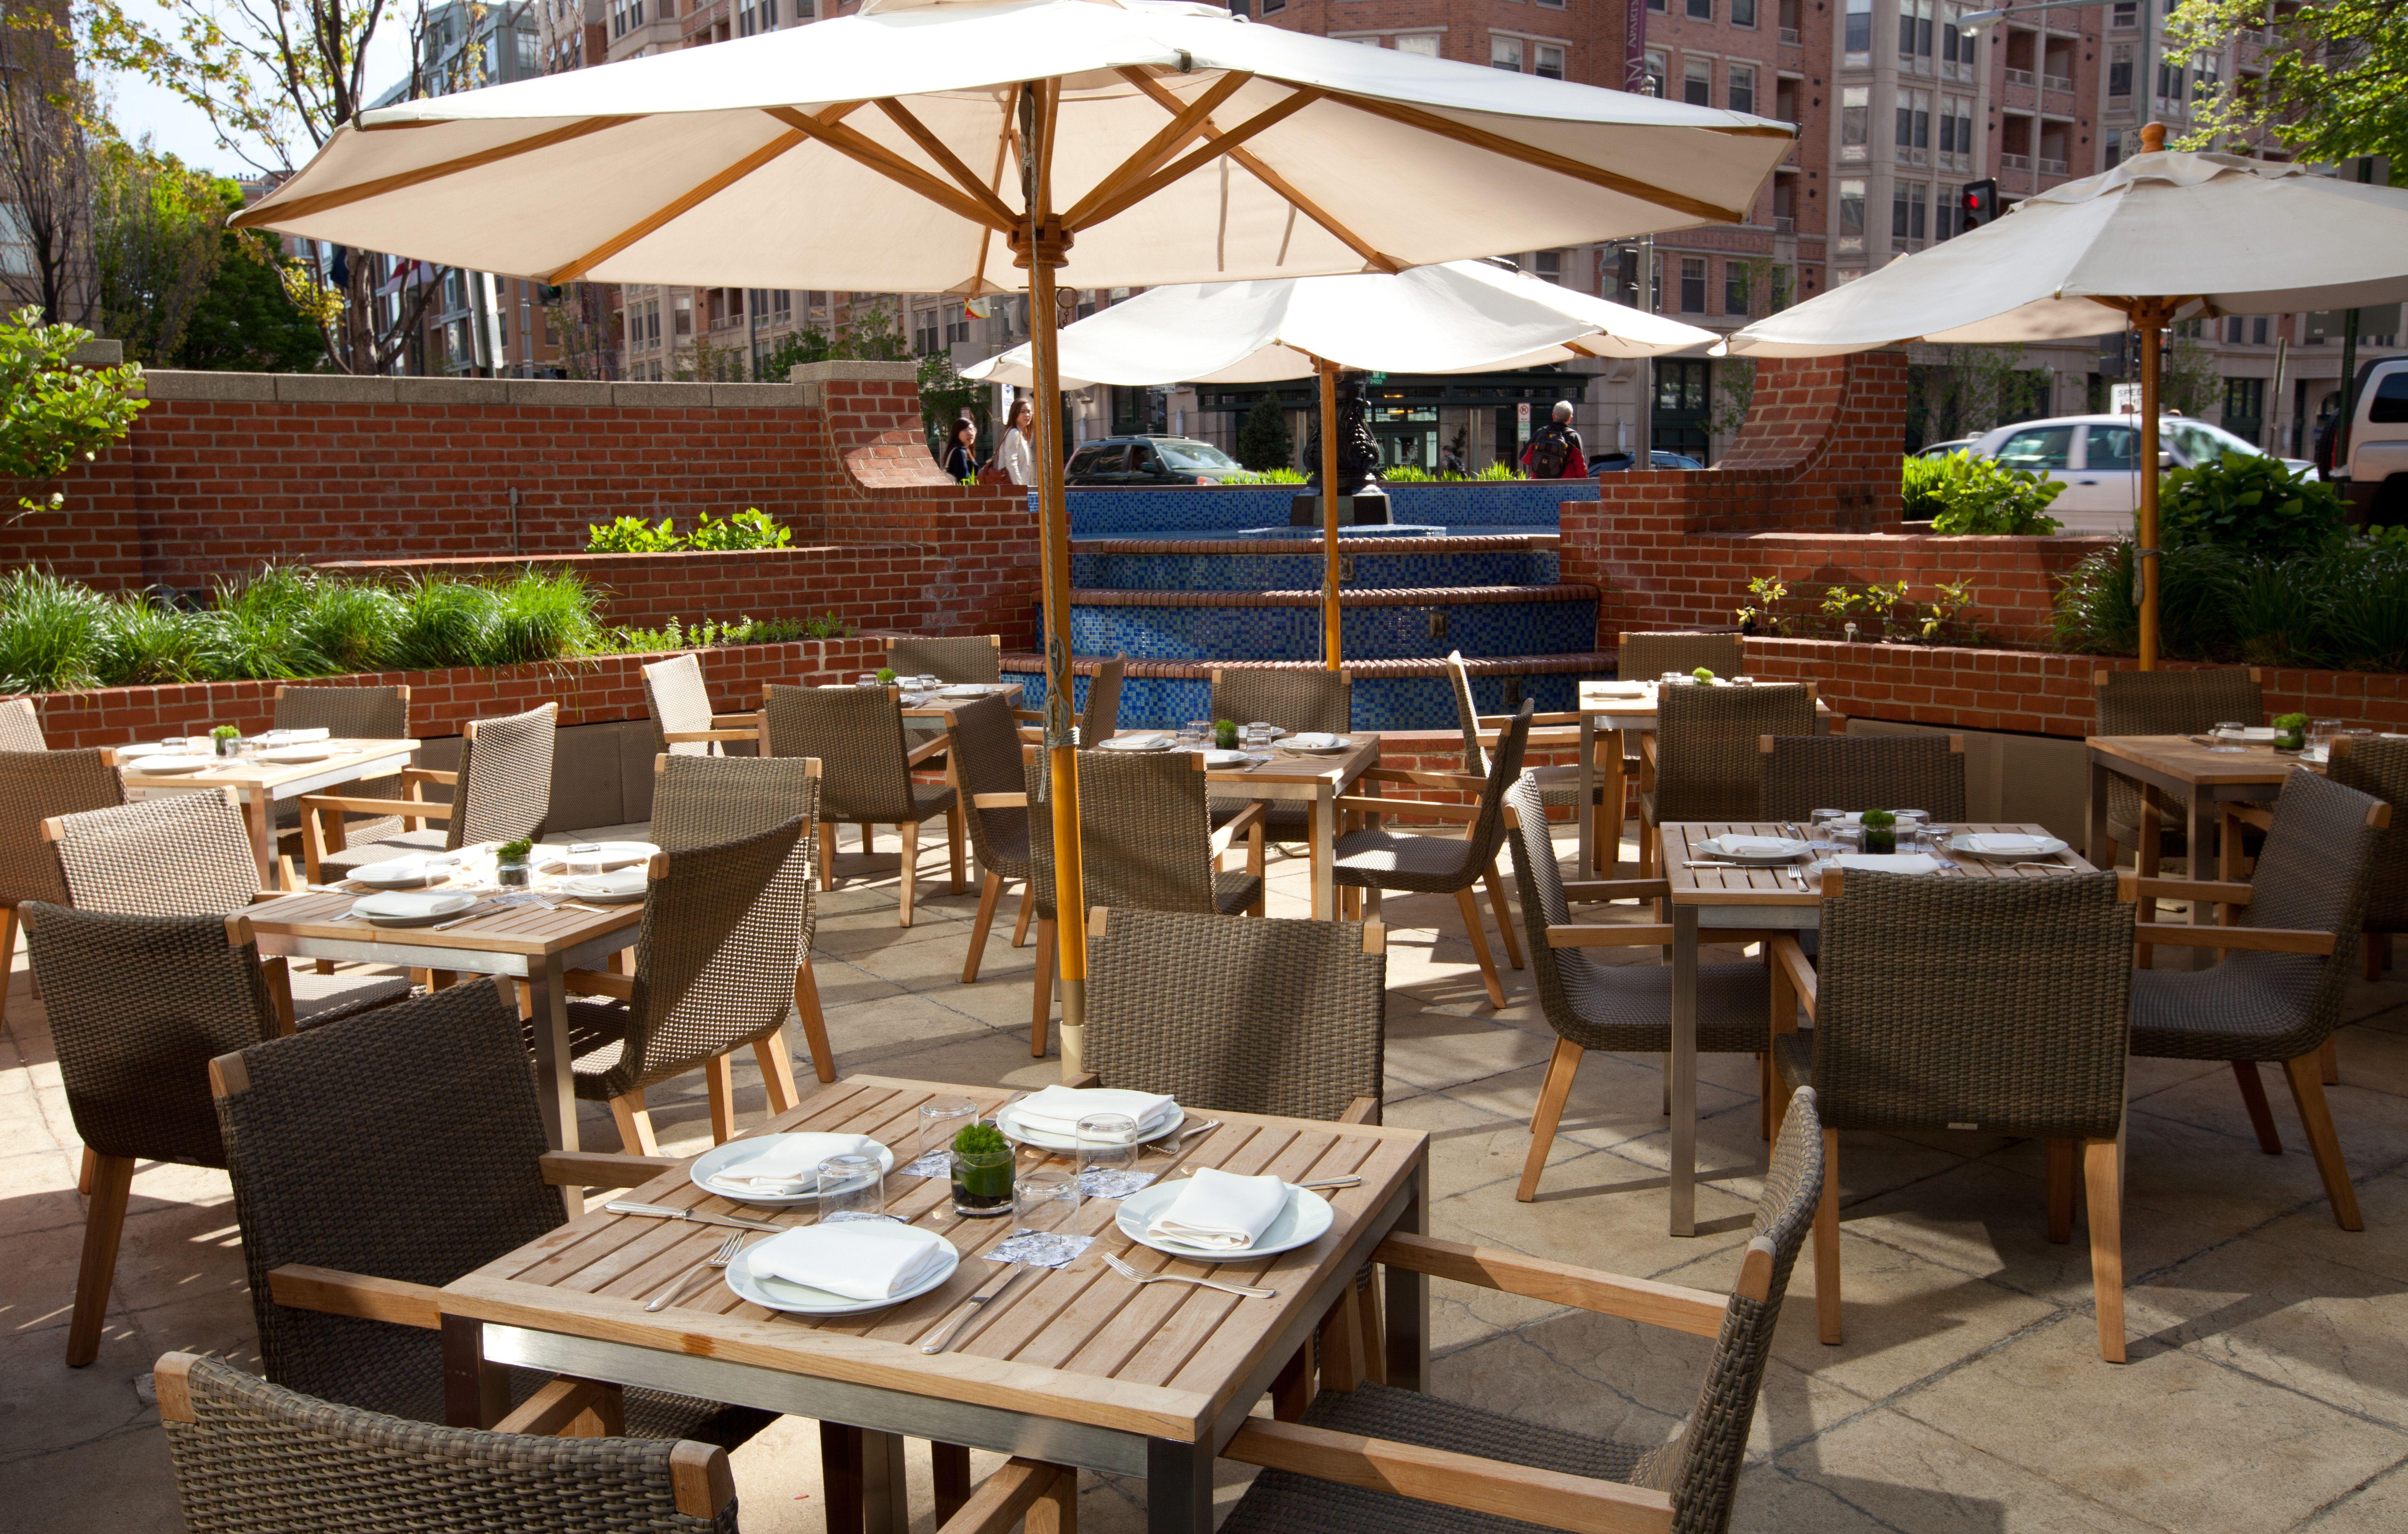 Geor own Waterfront Restaurants Washington Harbour